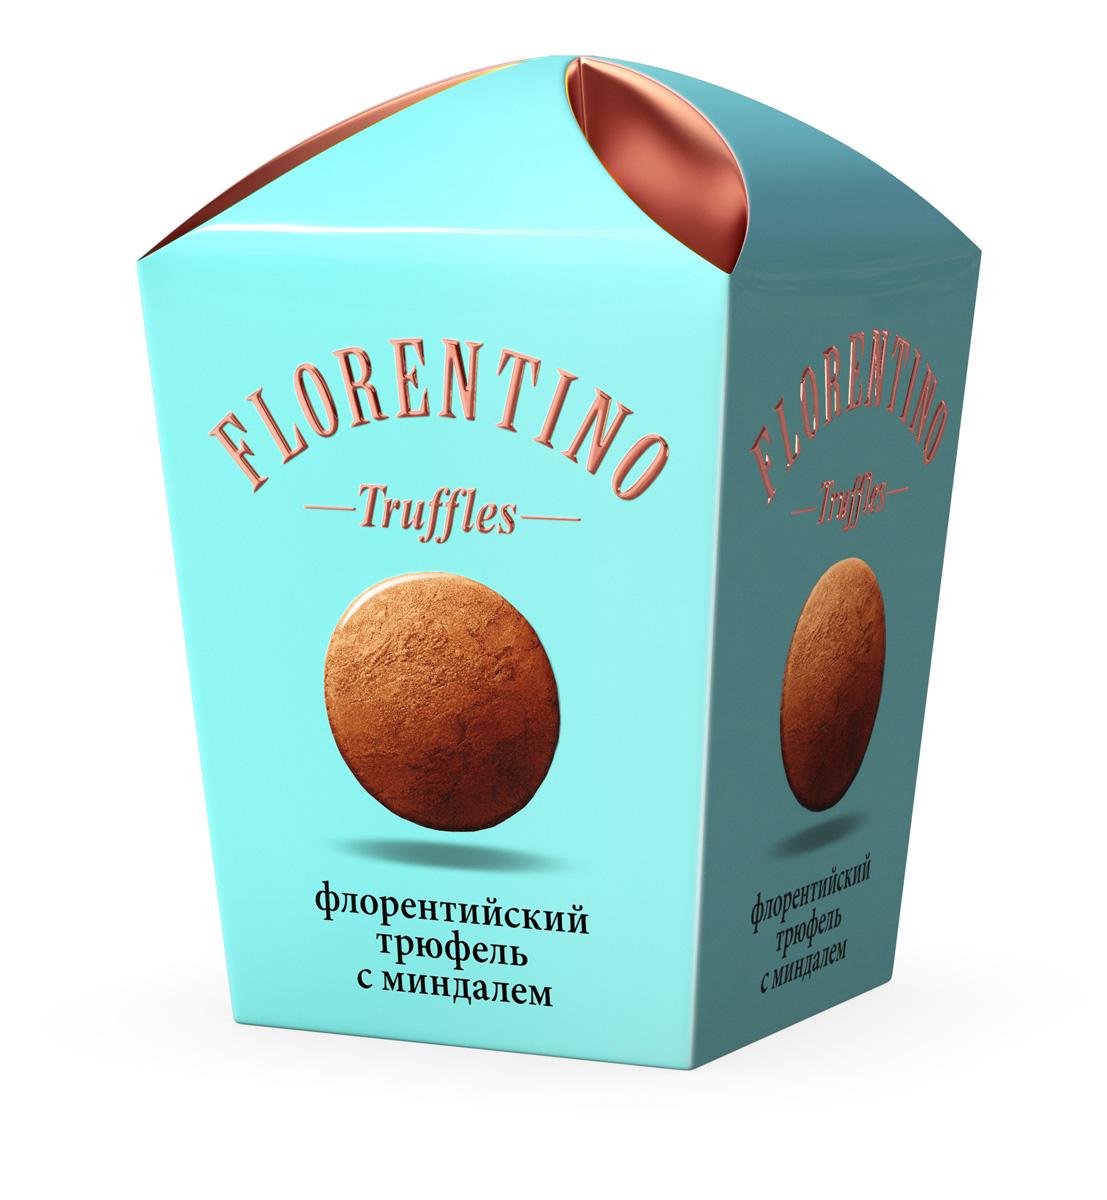 Florentino Флорентийский трюфель конфеты с миндалем, 175 г rondo клубника и мята освежающие конфеты 14 пачек по 30 г